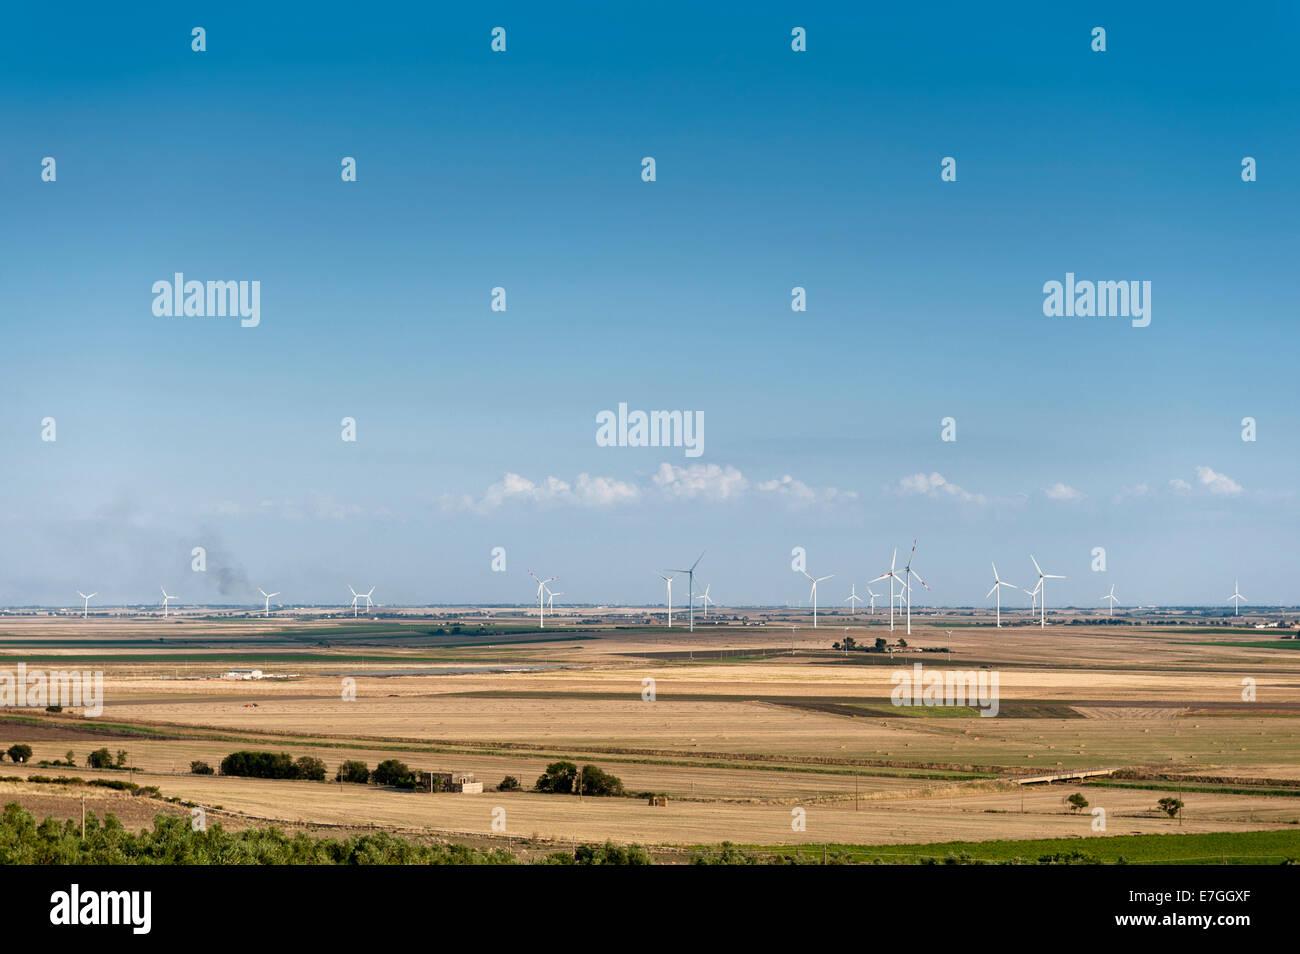 Landschaft mit Windpark mit elektrischen Strom-Generatoren Stockbild